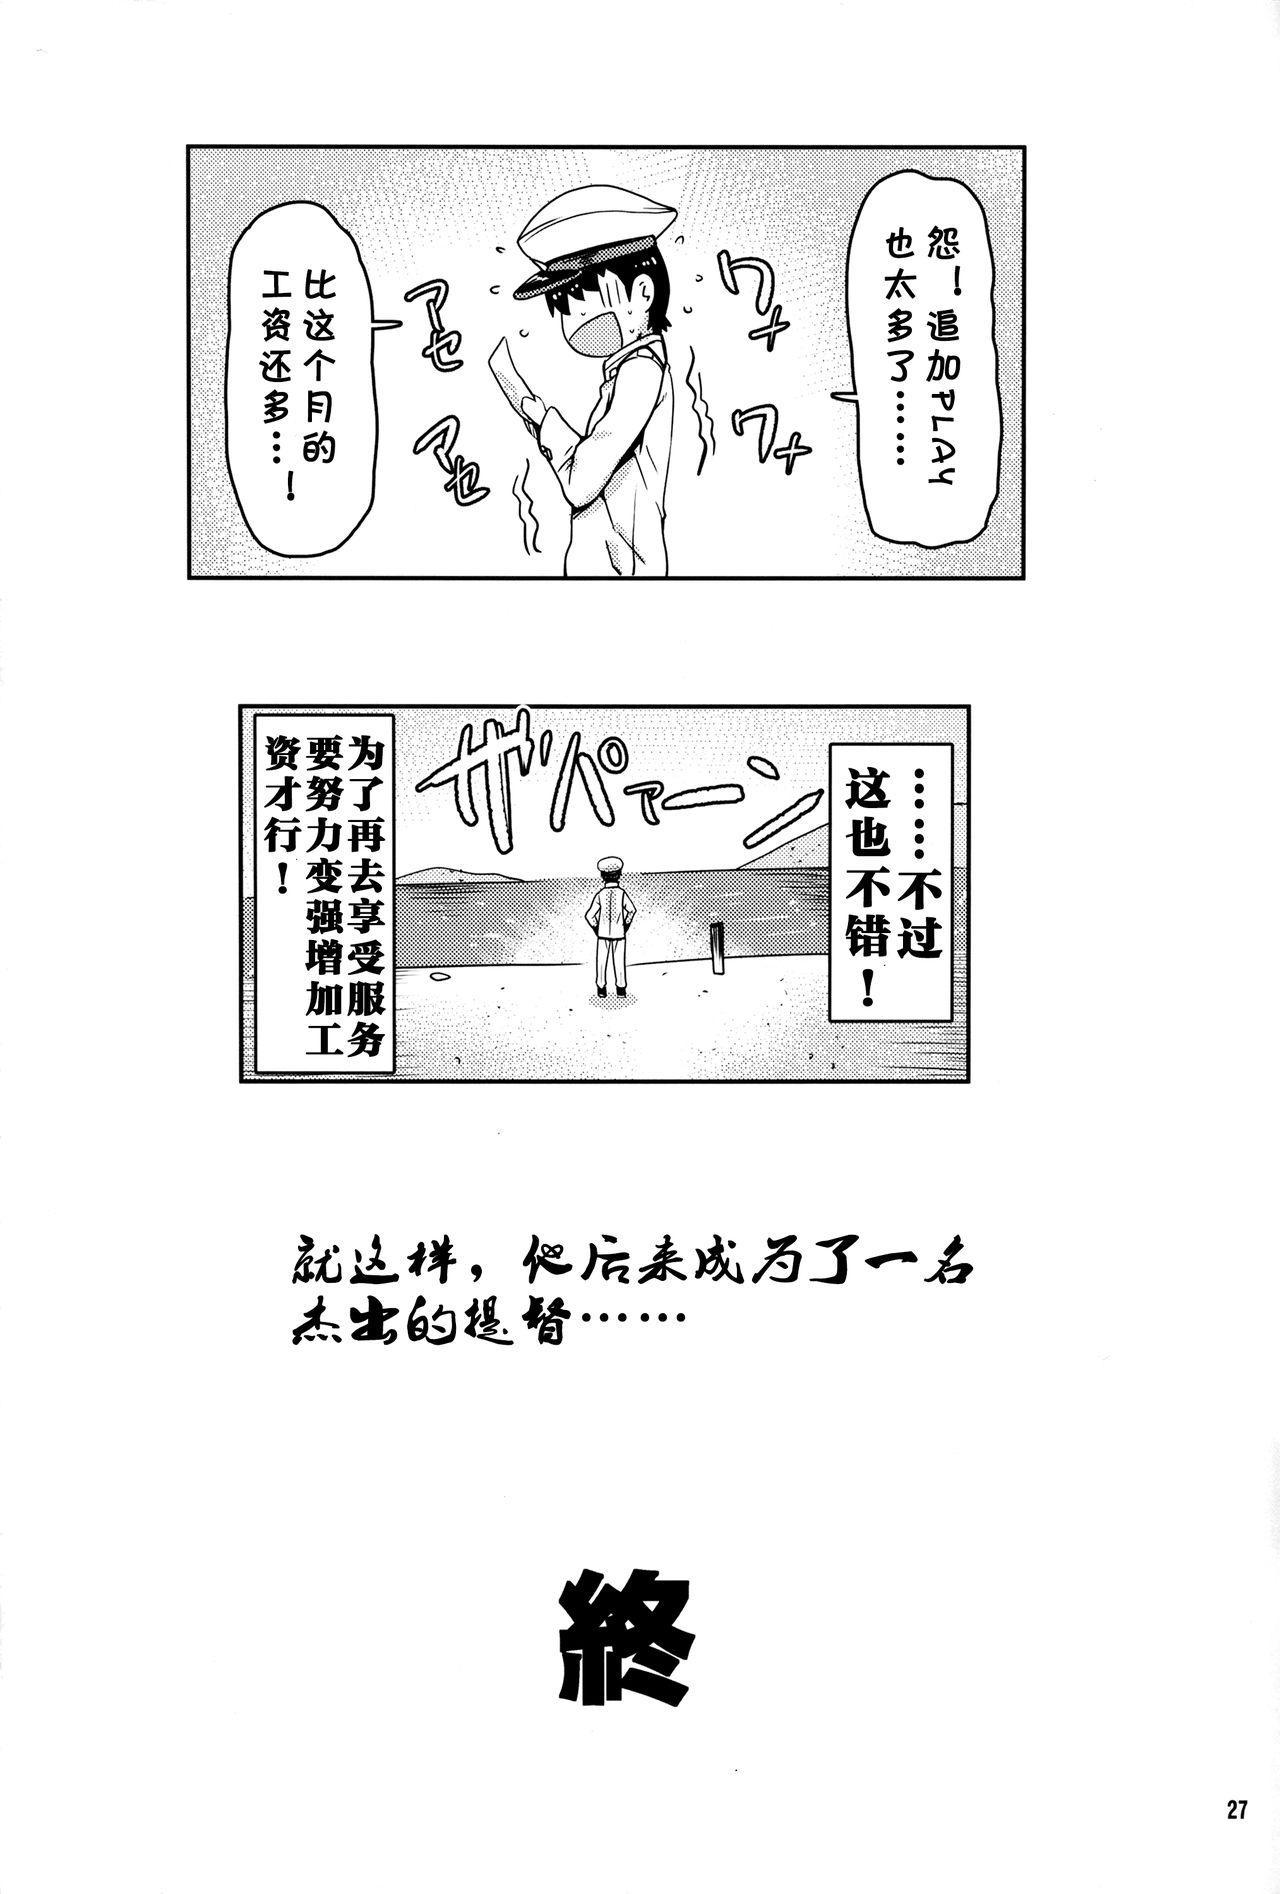 (C89) [Arinotowatari (Arinotowatari)] Hogaraka S no Atago-san to Cool M no Takao-san ga Iru Fuuzokuten (Kantai Collection -KanColle-) [Chinese] [风油精汉化组] 26